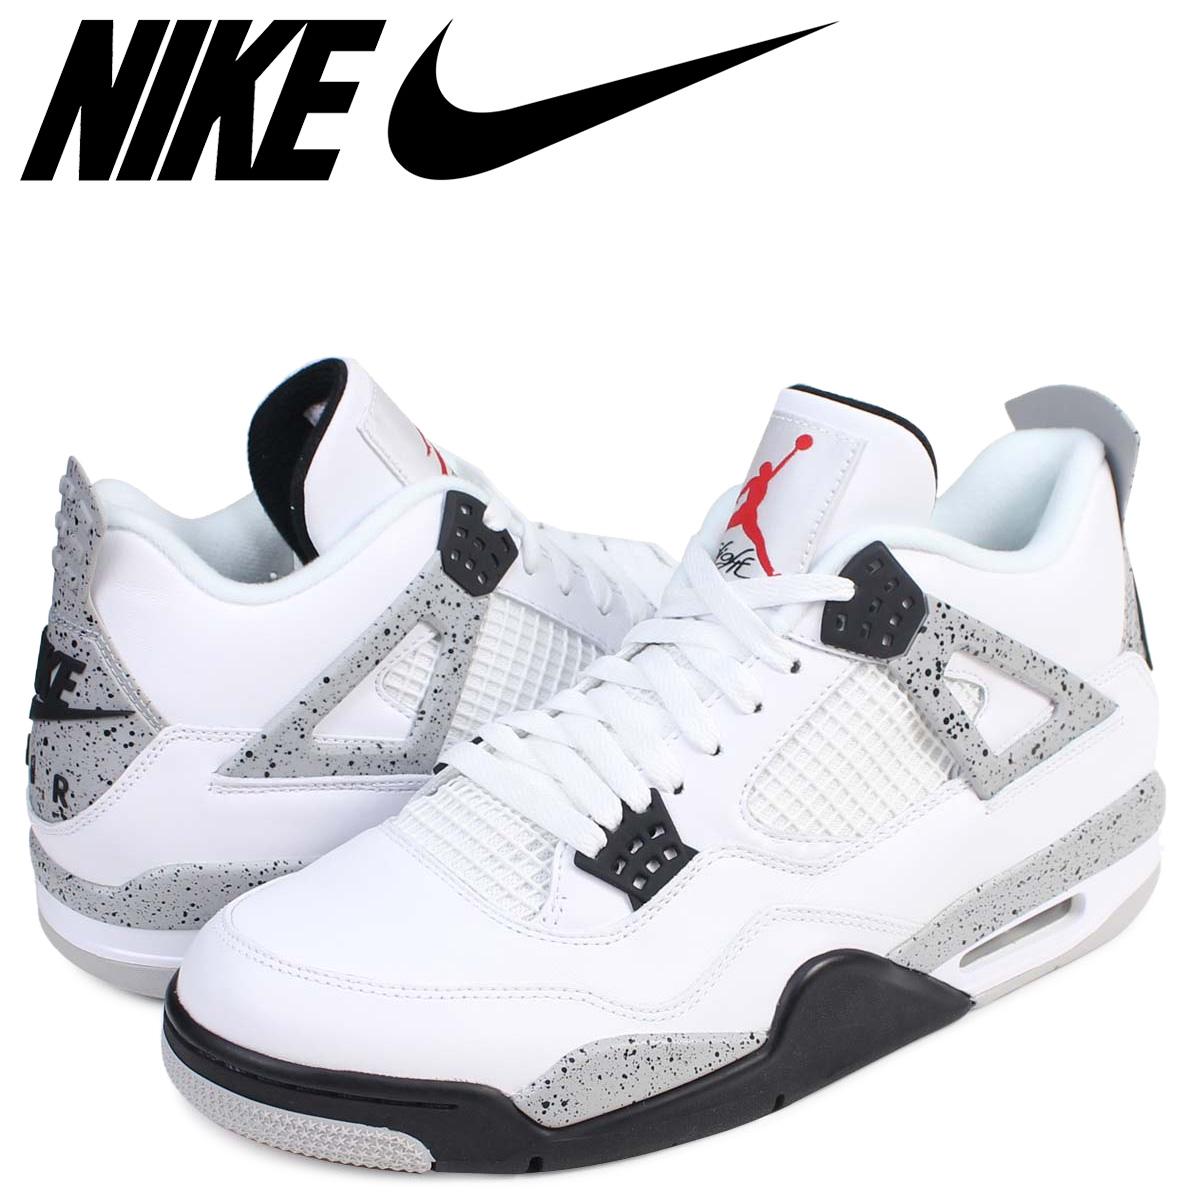 3176c305d60 ... get nike nike air jordan 4 nostalgic sneakers air jordan 4 retro og  white cement 840606 ...